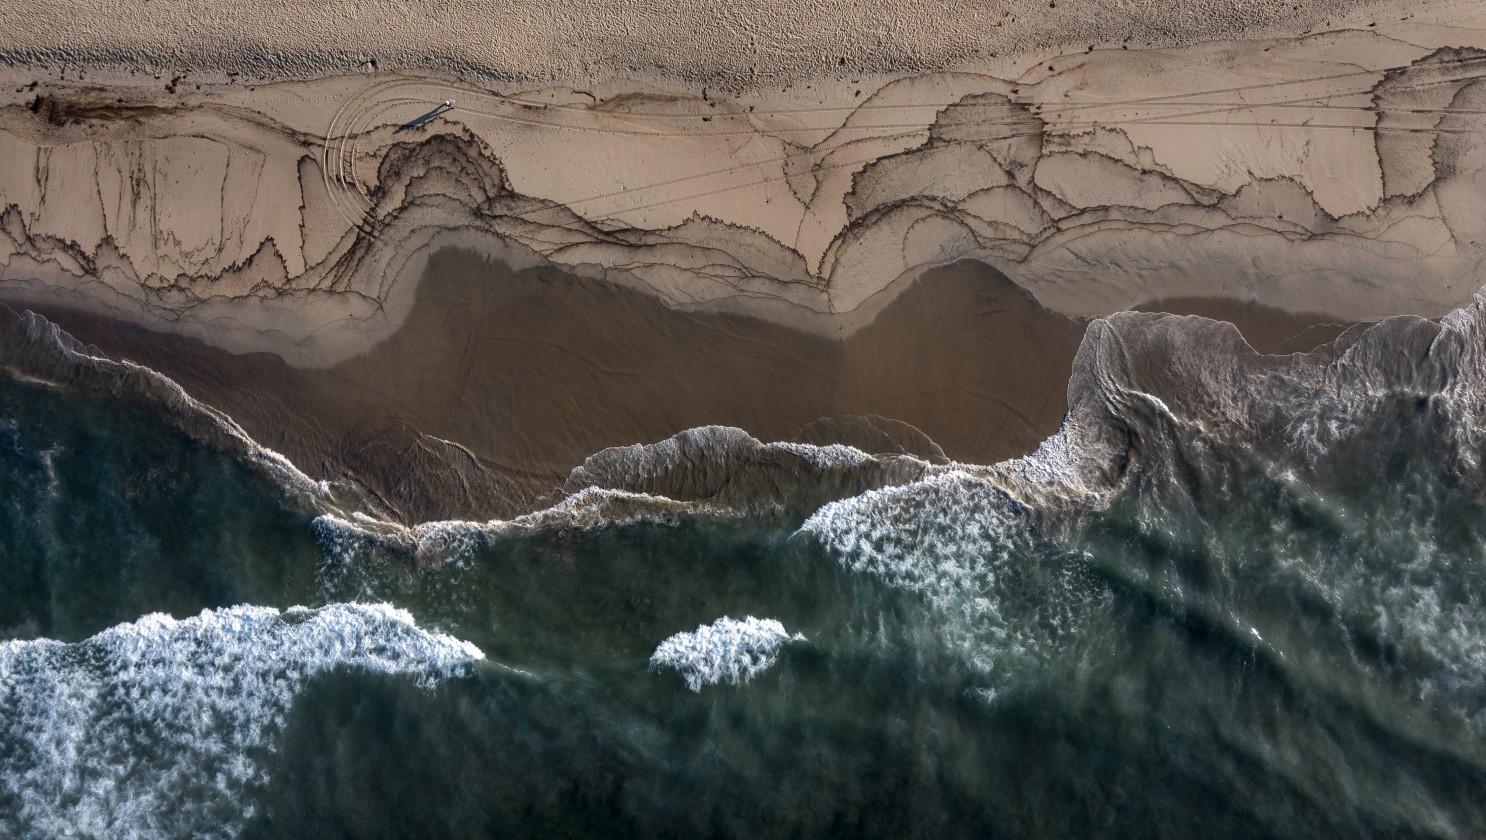 海洋基金会:当局未能及时发现亨廷顿海域石油外泄实属荒诞